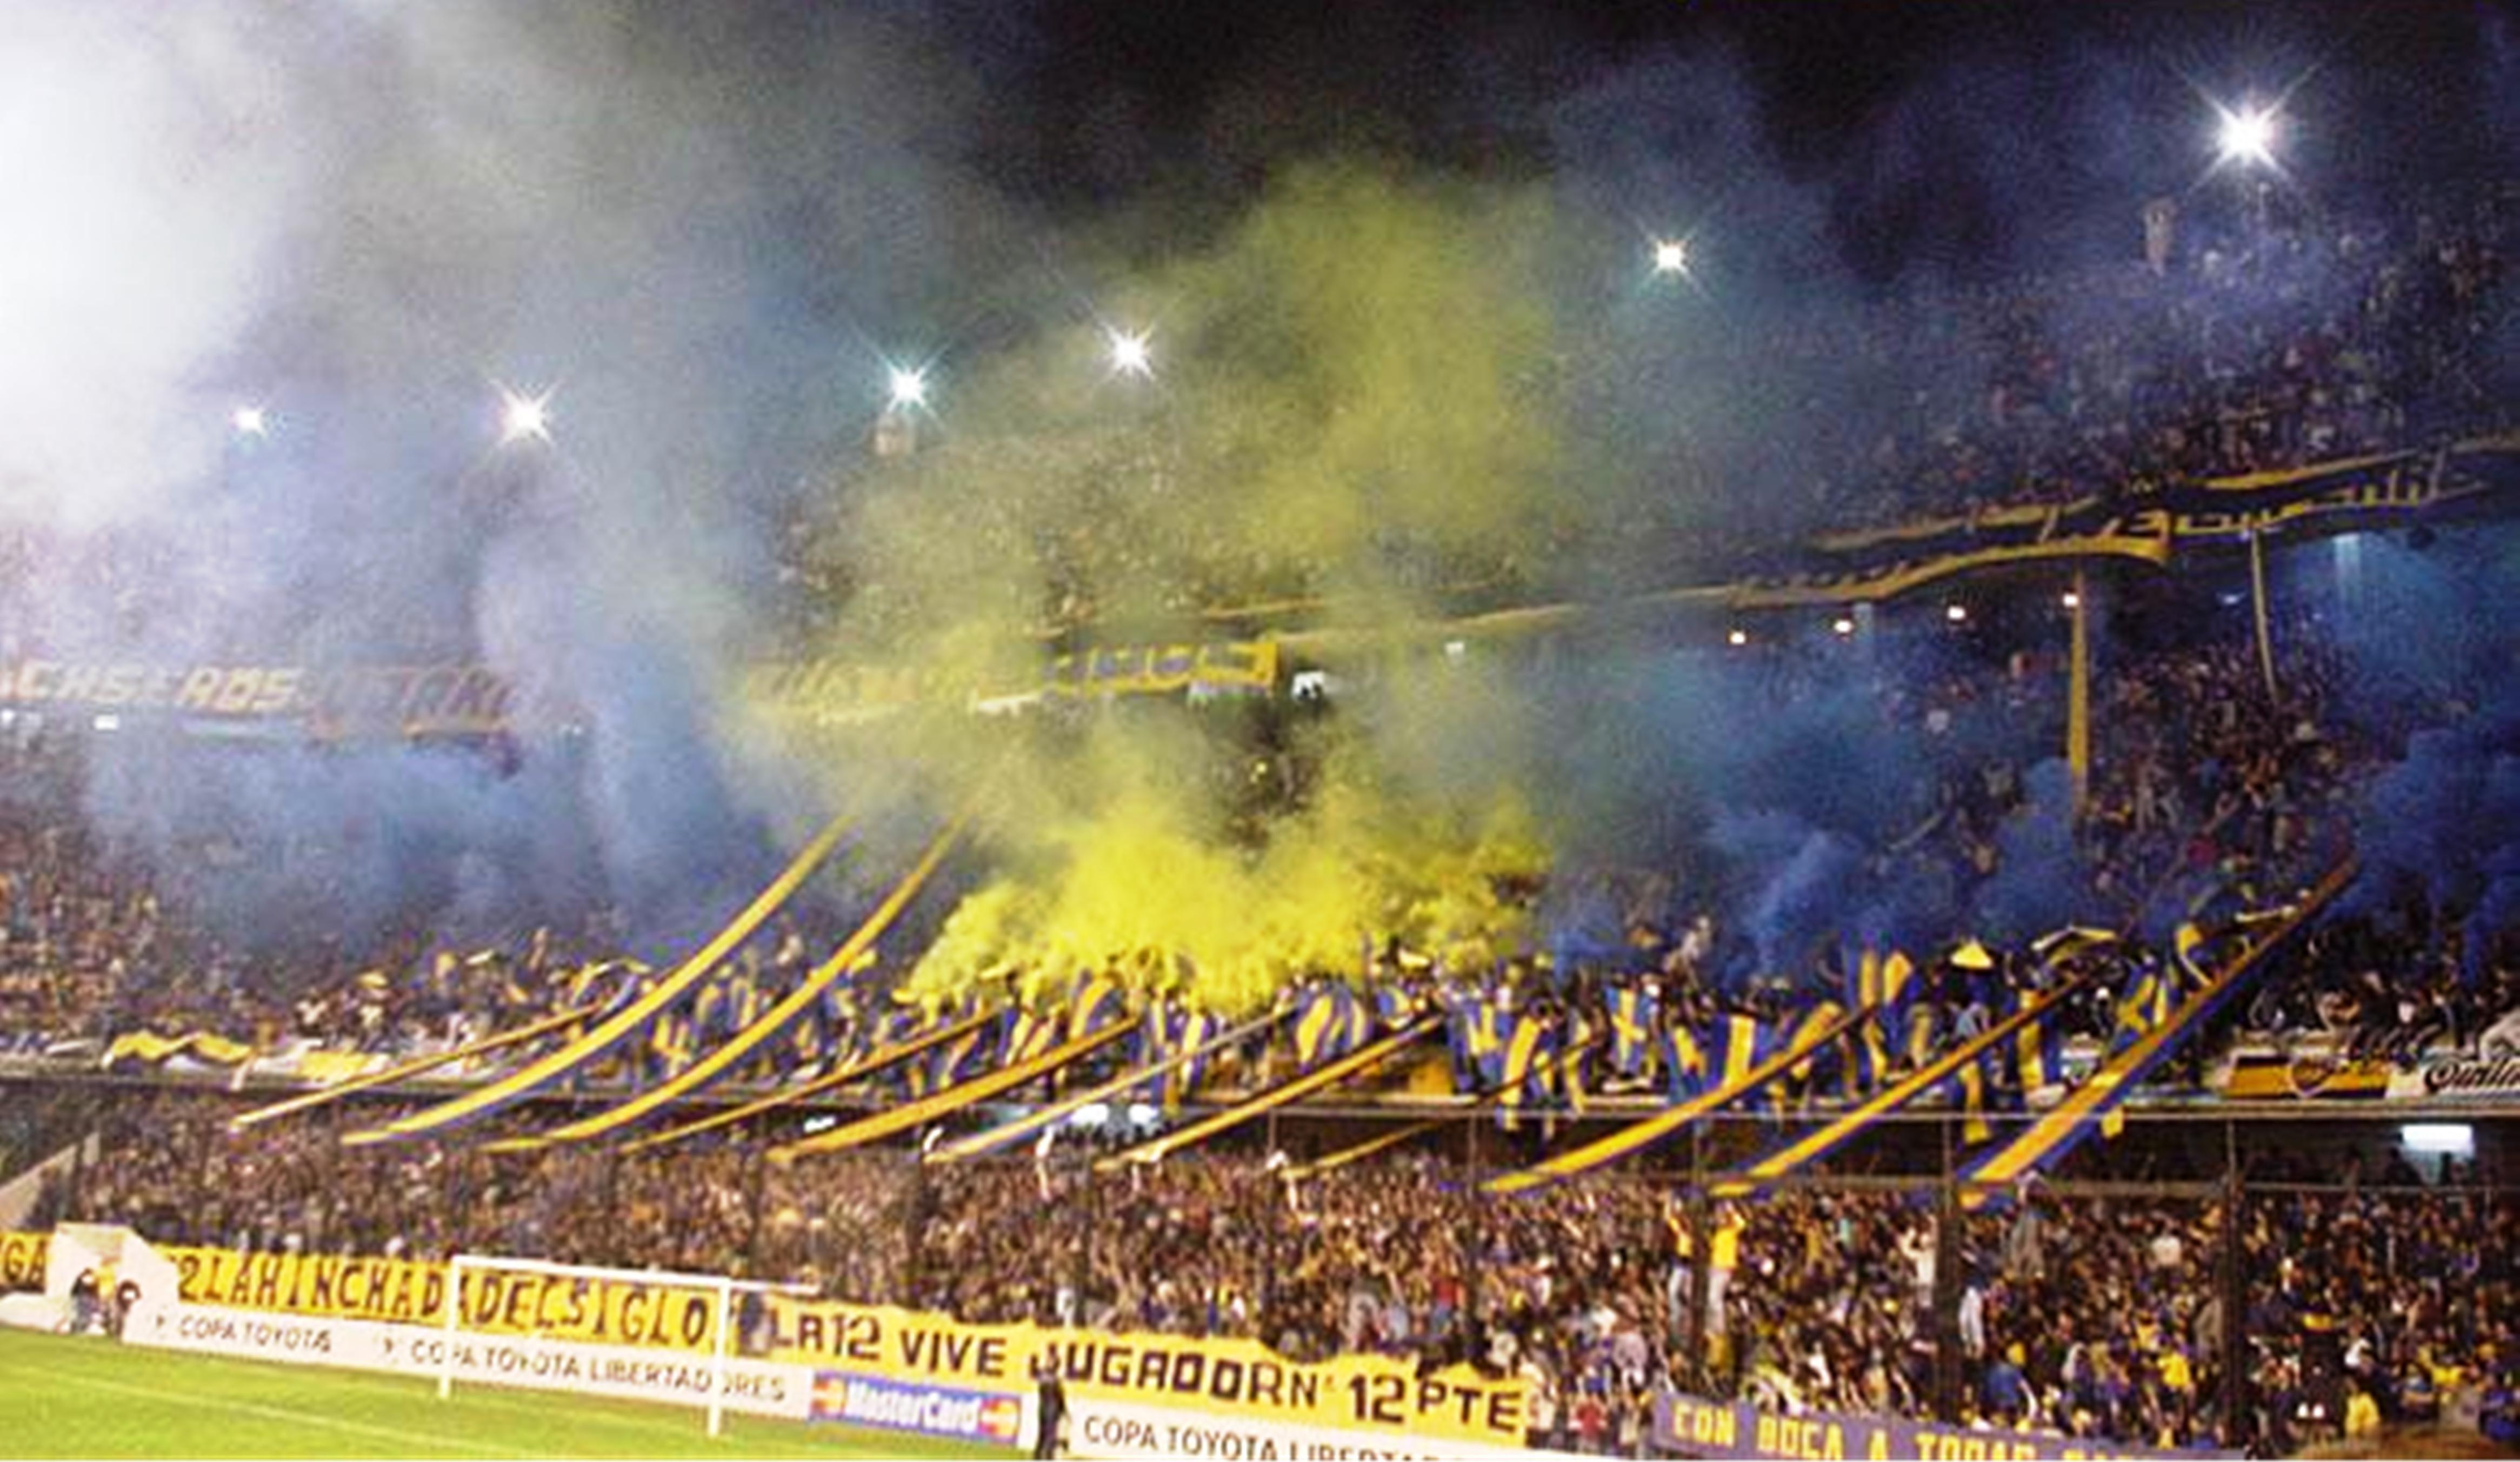 La 12 -  Boca Juniors